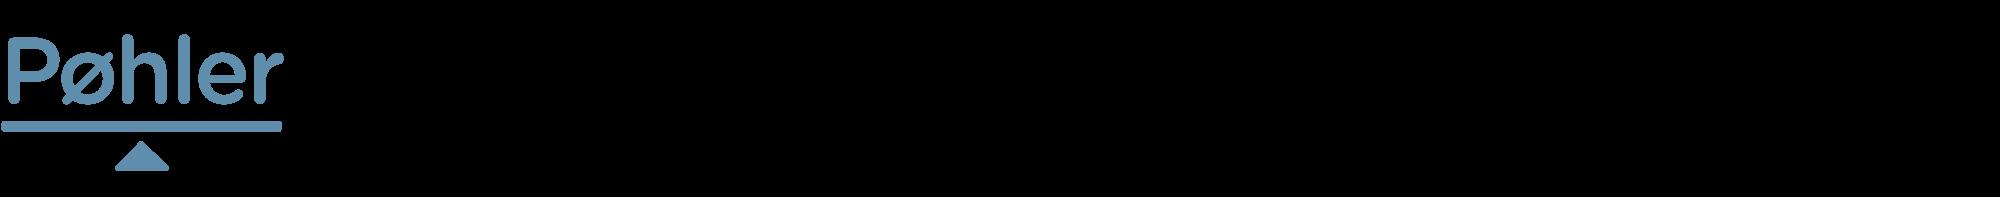 Forlaget Pøhler